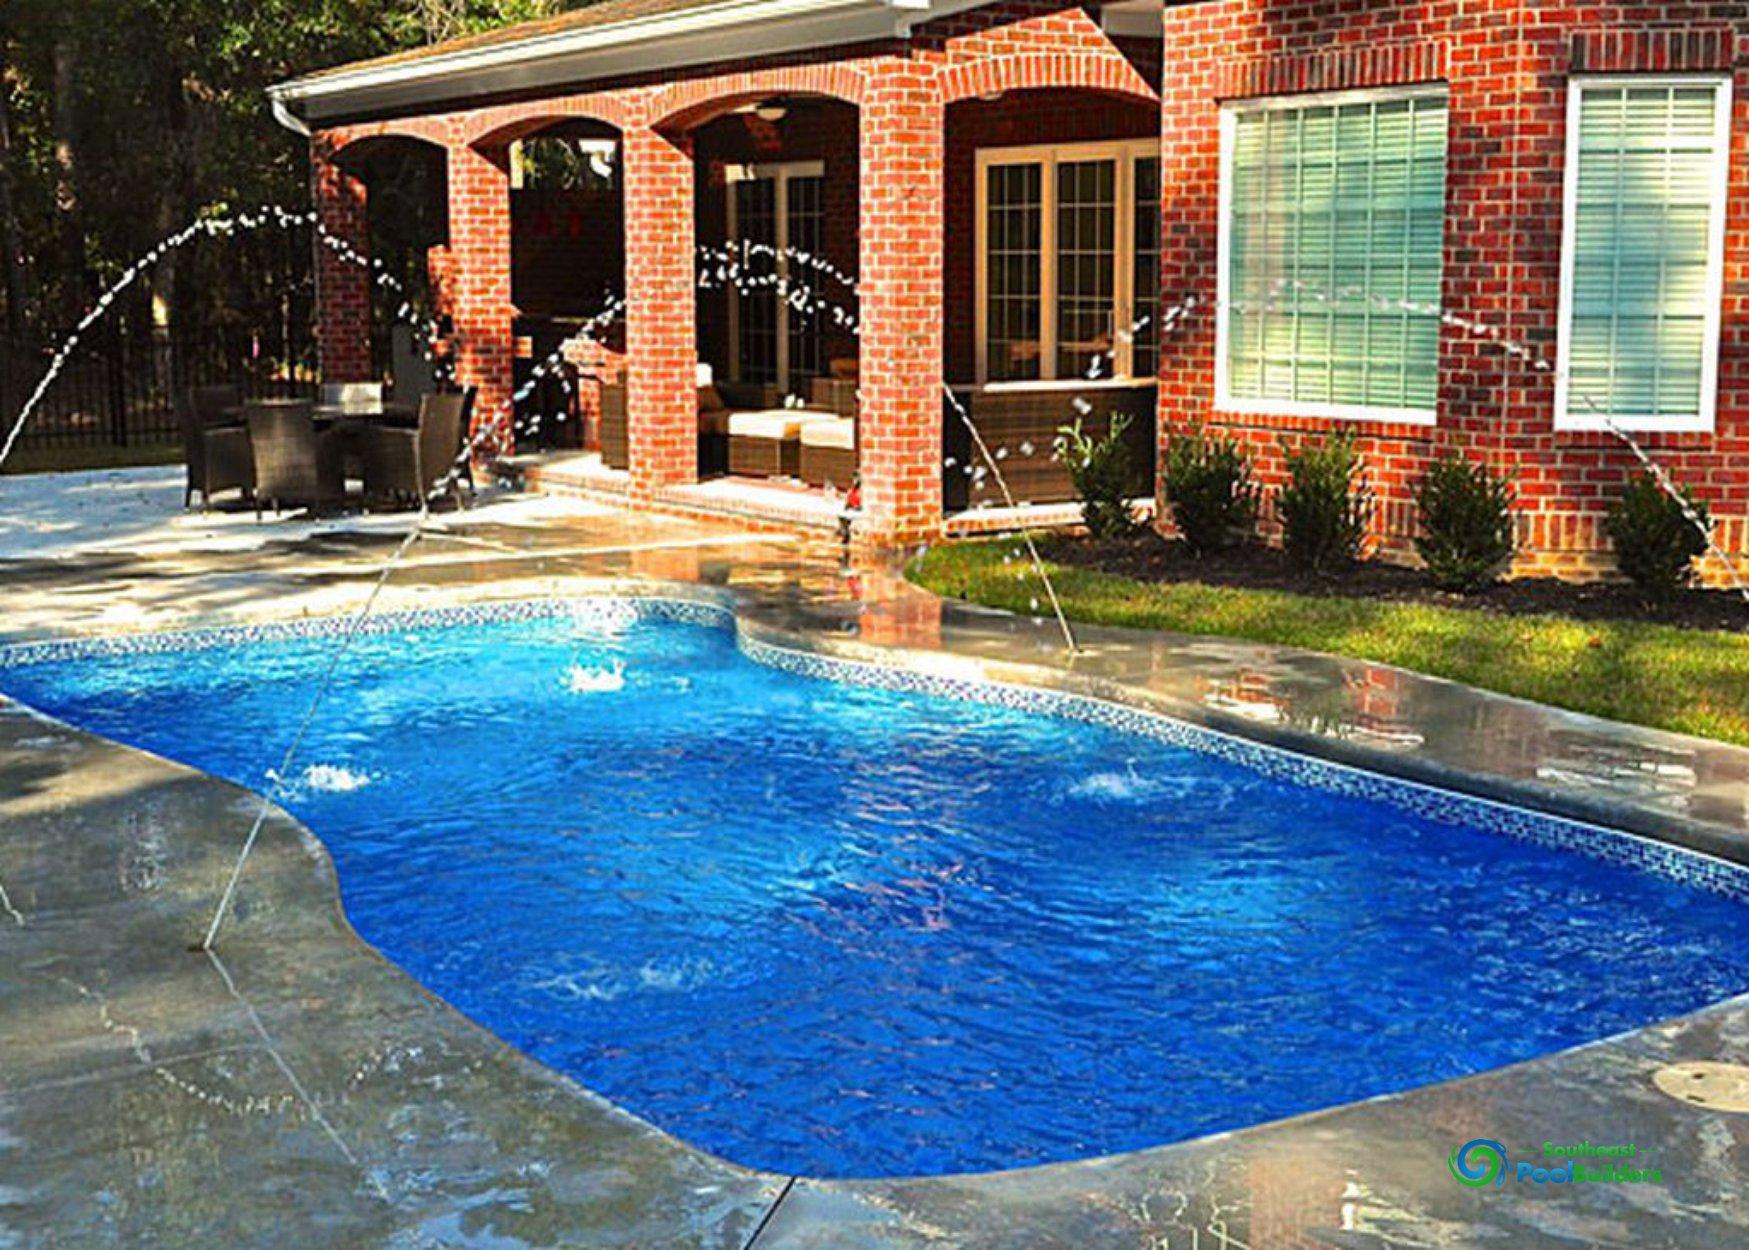 Barrier reef pools southport custom pool builder - Barrier reef pools ...